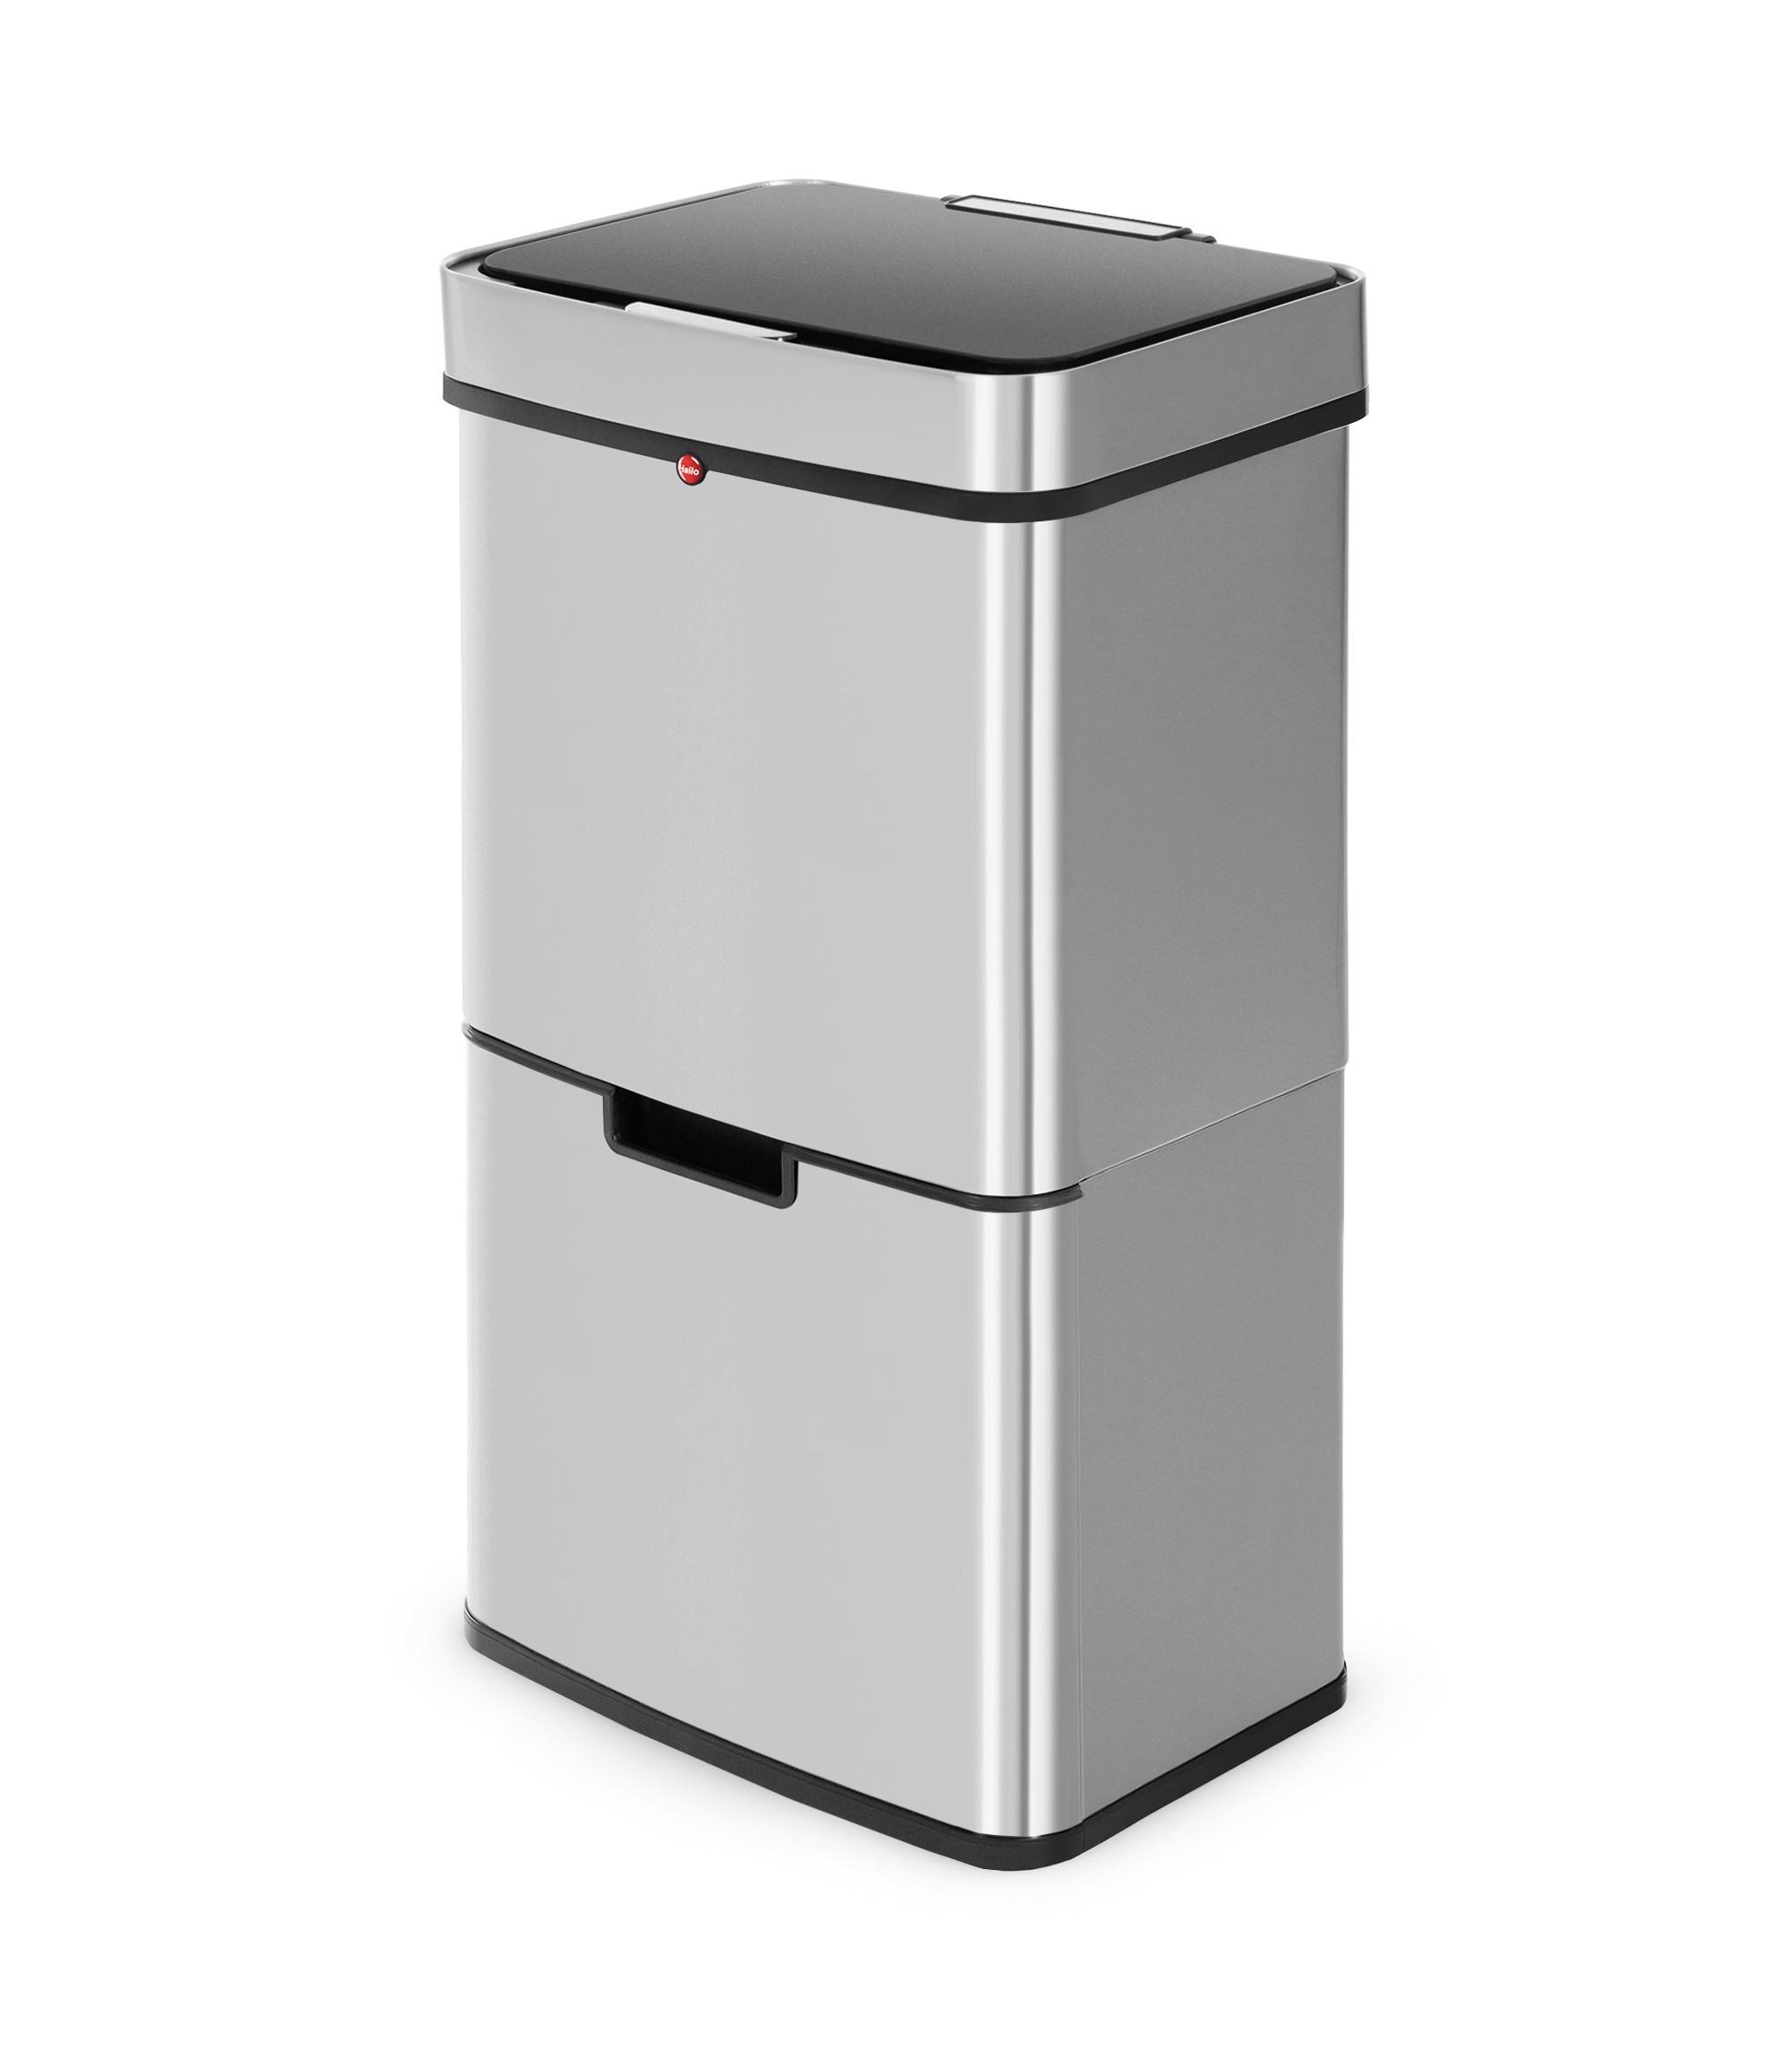 Hailo Öko Vario XL, 25 Liter, Edelstahl Anti-Fingerprint, Tret-Abfalltrenner